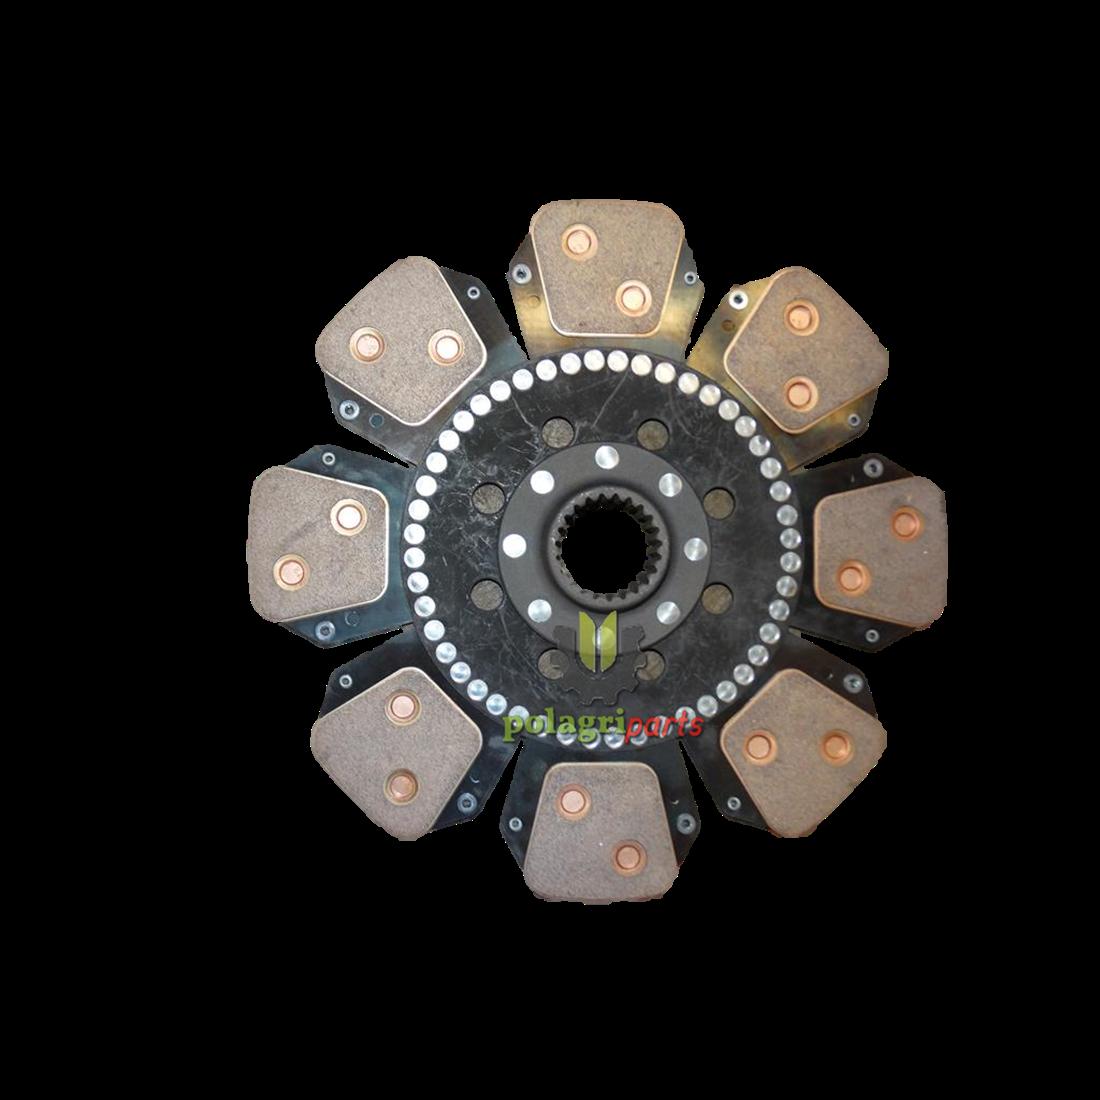 Tarcza sprzegłowa 350 mm 335015010 LUK Massey Ferguson